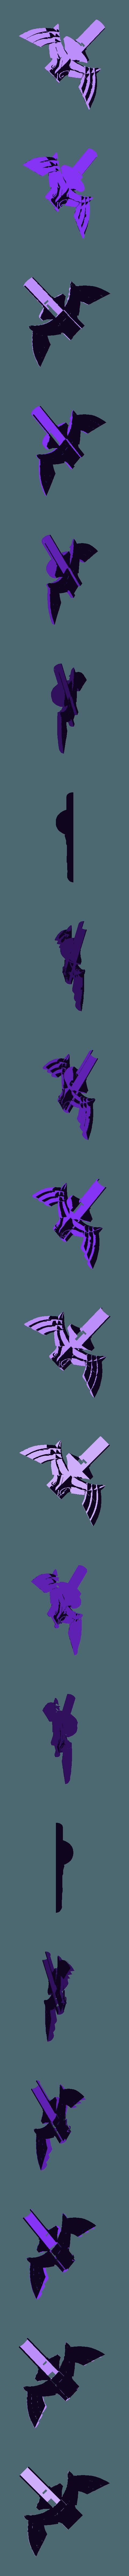 MS-Wings-top.stl Télécharger fichier STL gratuit LED Zelda Master • Modèle pour imprimante 3D, Adafruit